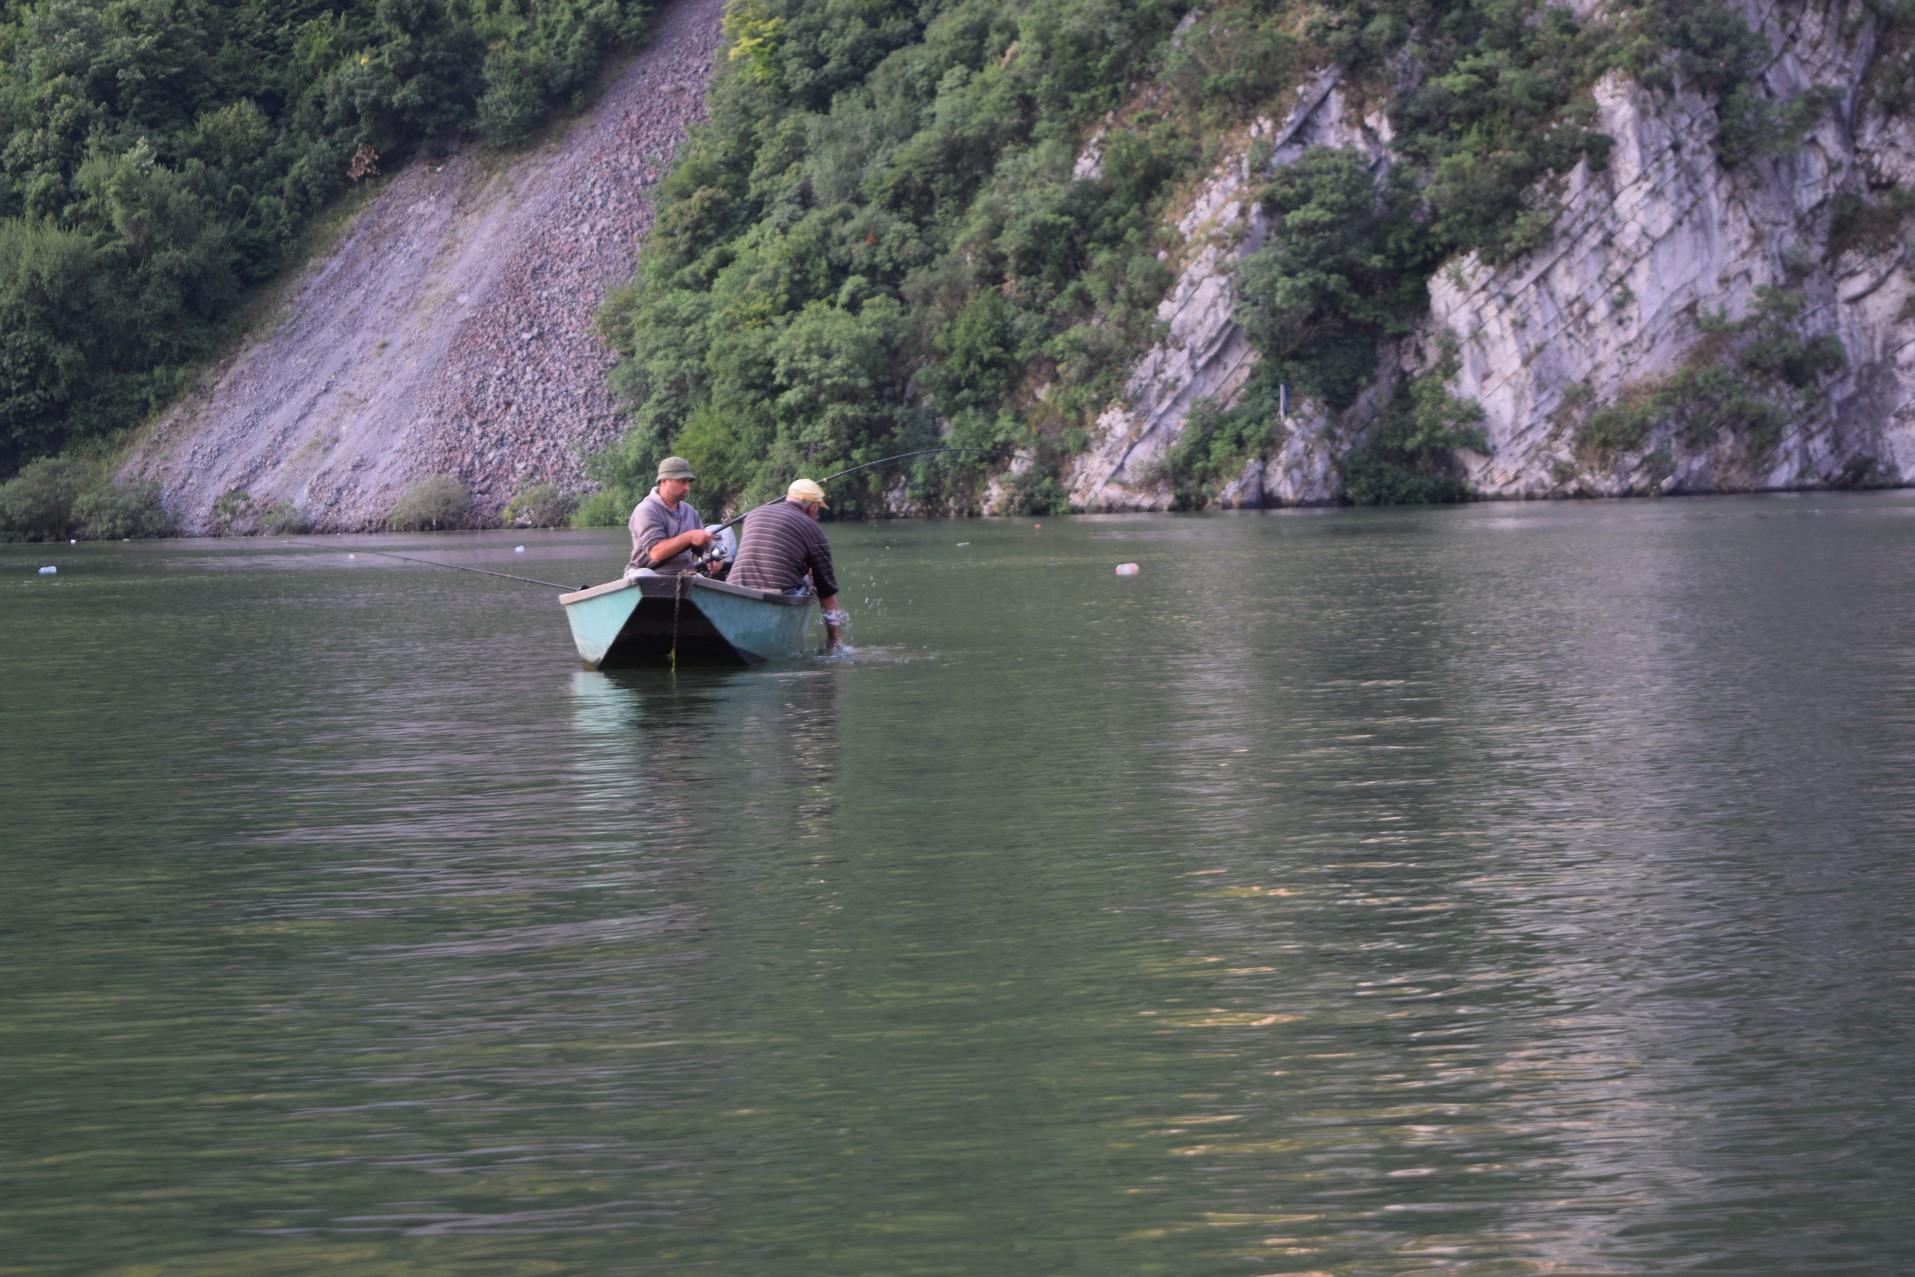 Decebal face boat